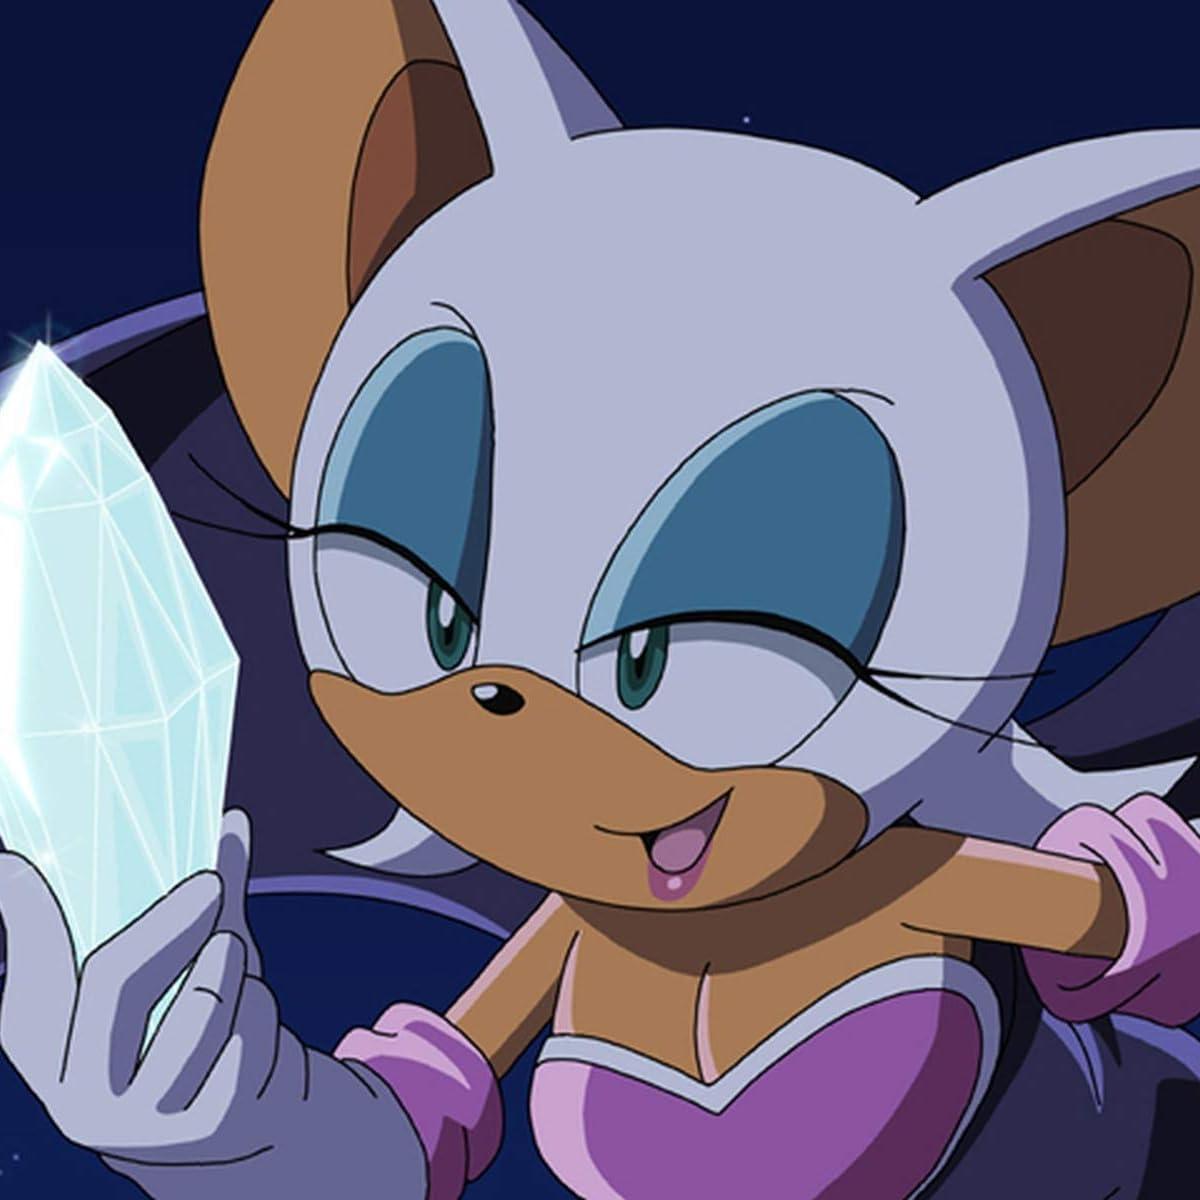 ソニック ザ ヘッジホッグ Sonic The Hedgehog Ipad壁紙 ルージュ